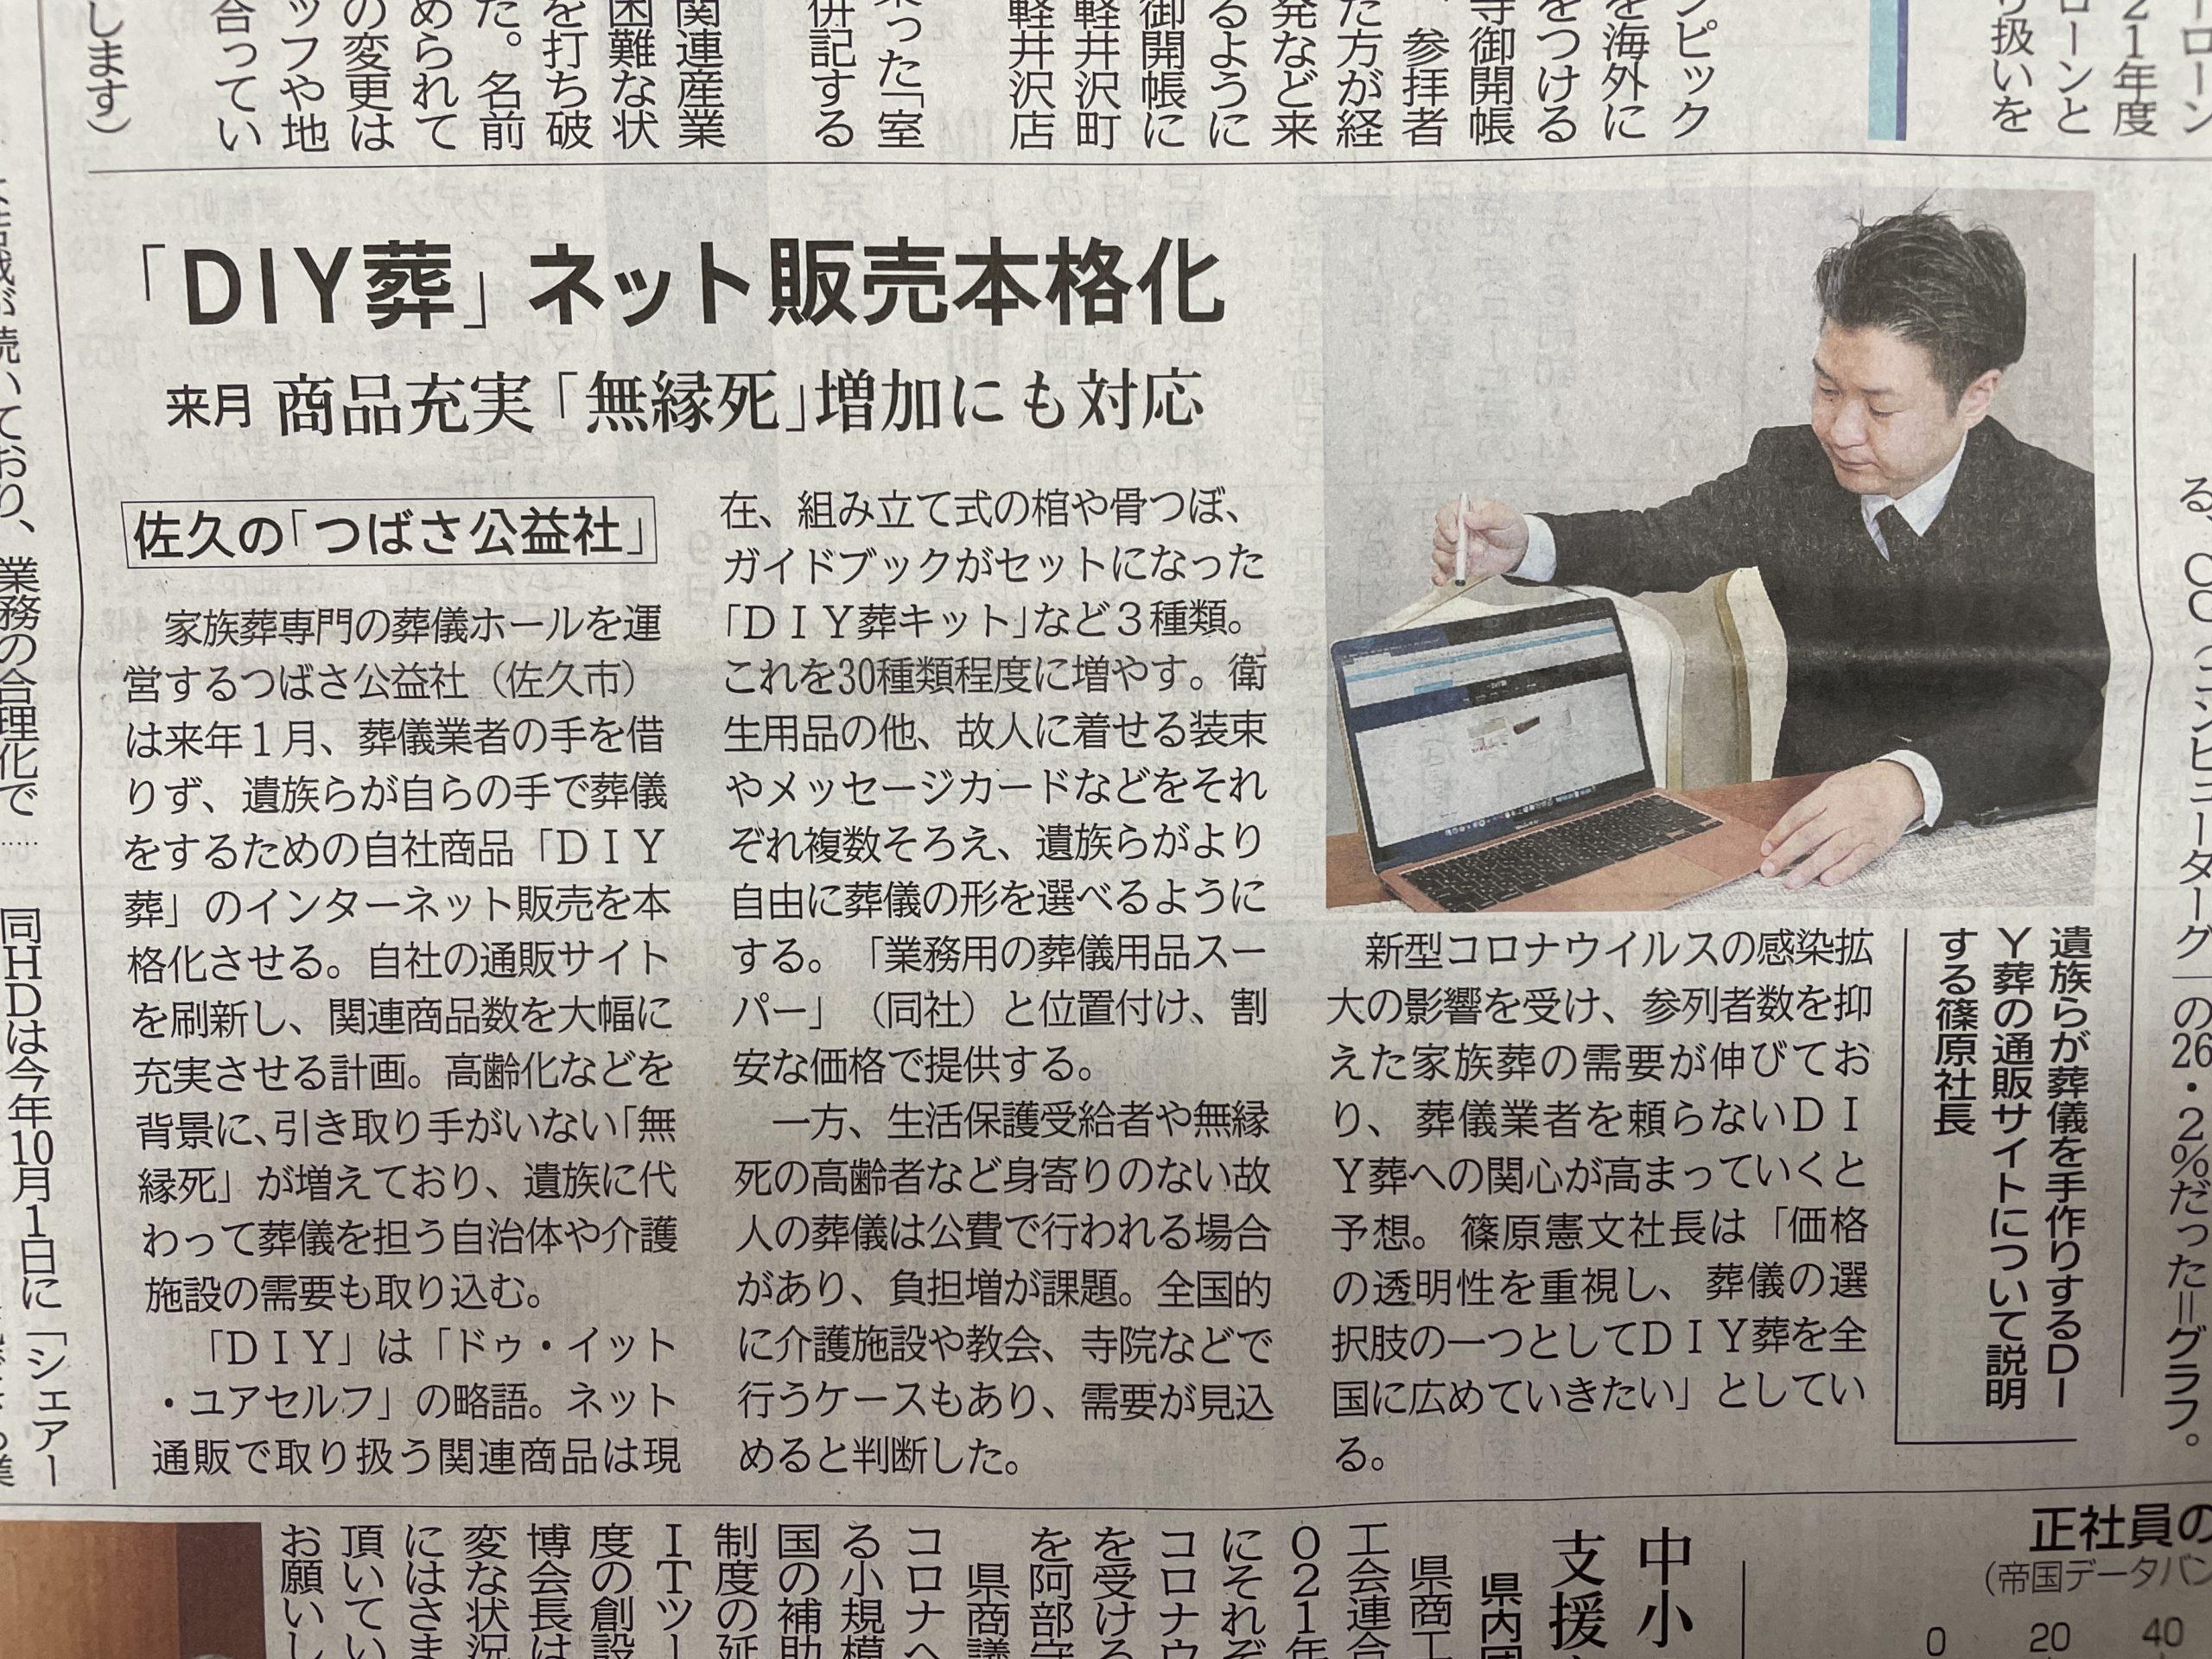 つばさ公益社のDIY葬ストア掲載記事 信濃毎日新聞12月10日